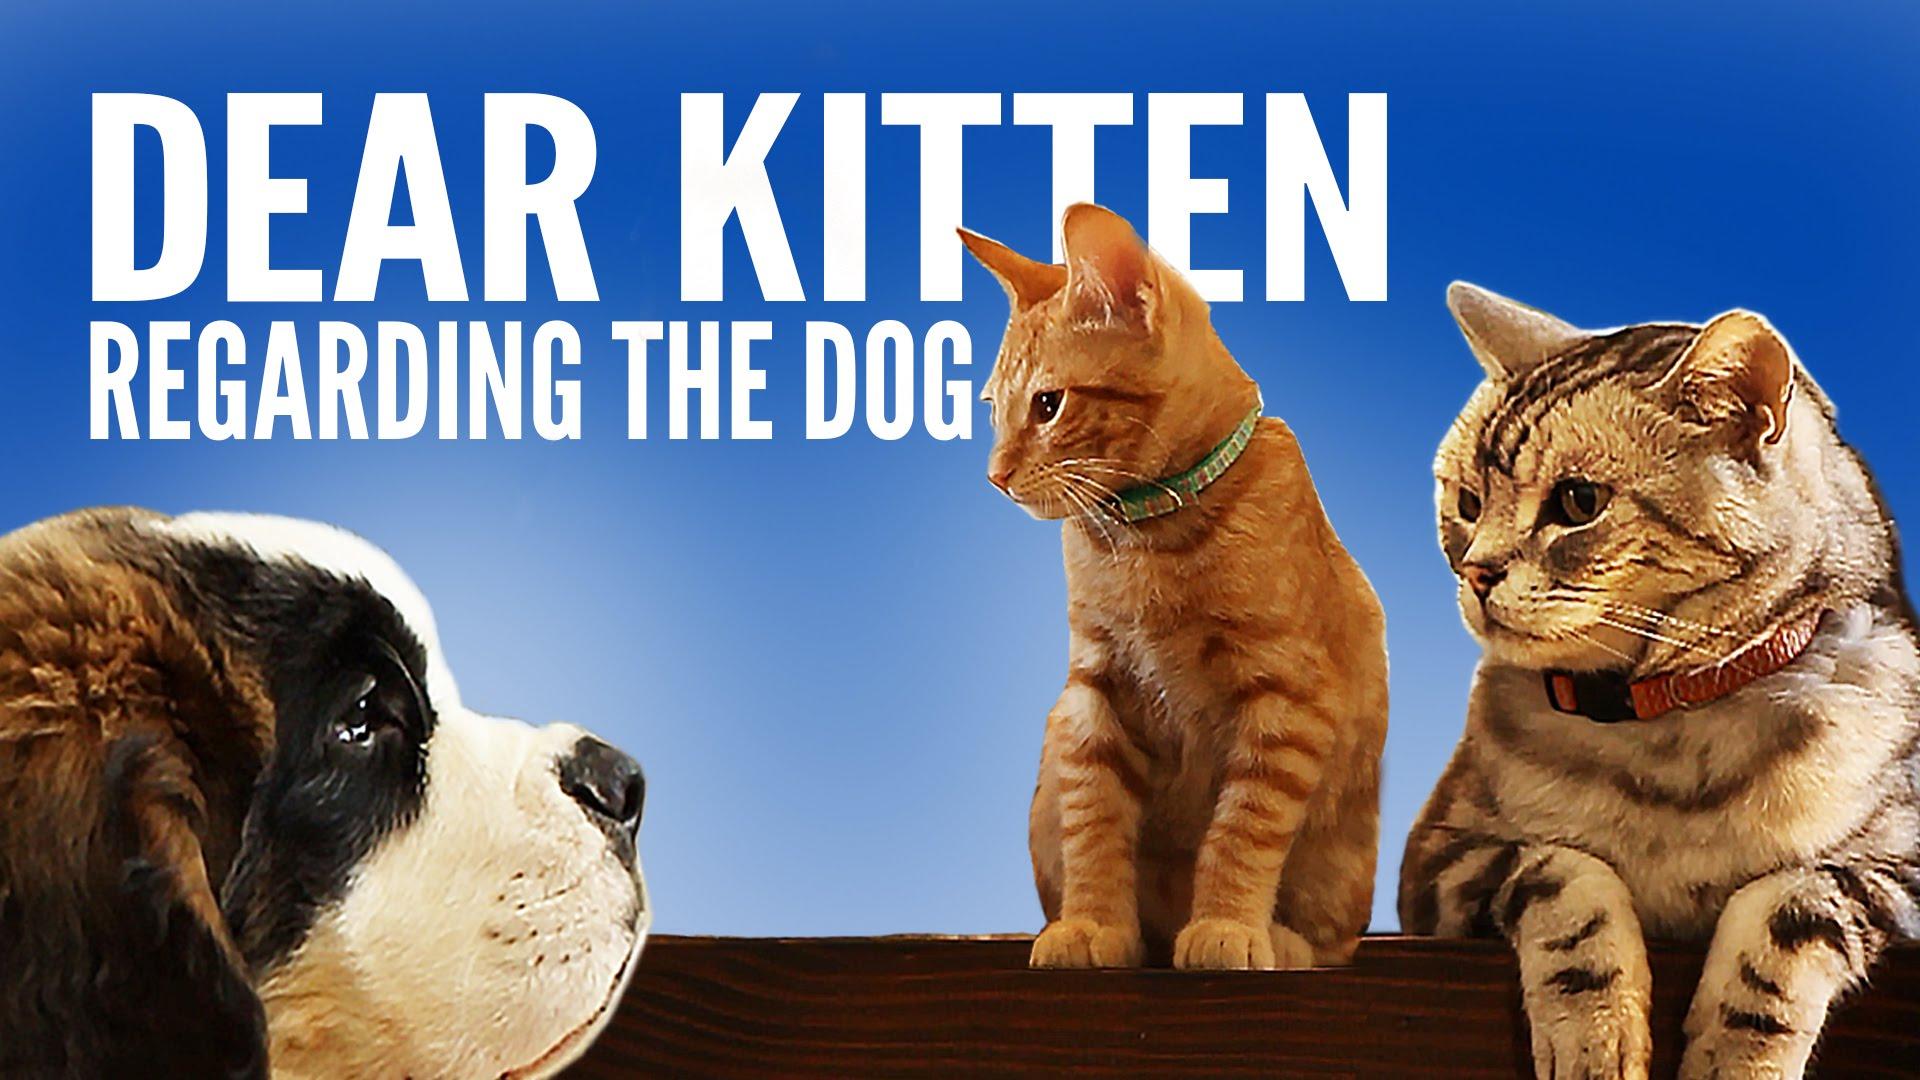 「親愛的小貓:關於那隻笨狗狗...」- Dear Kitten: Regarding The Dog